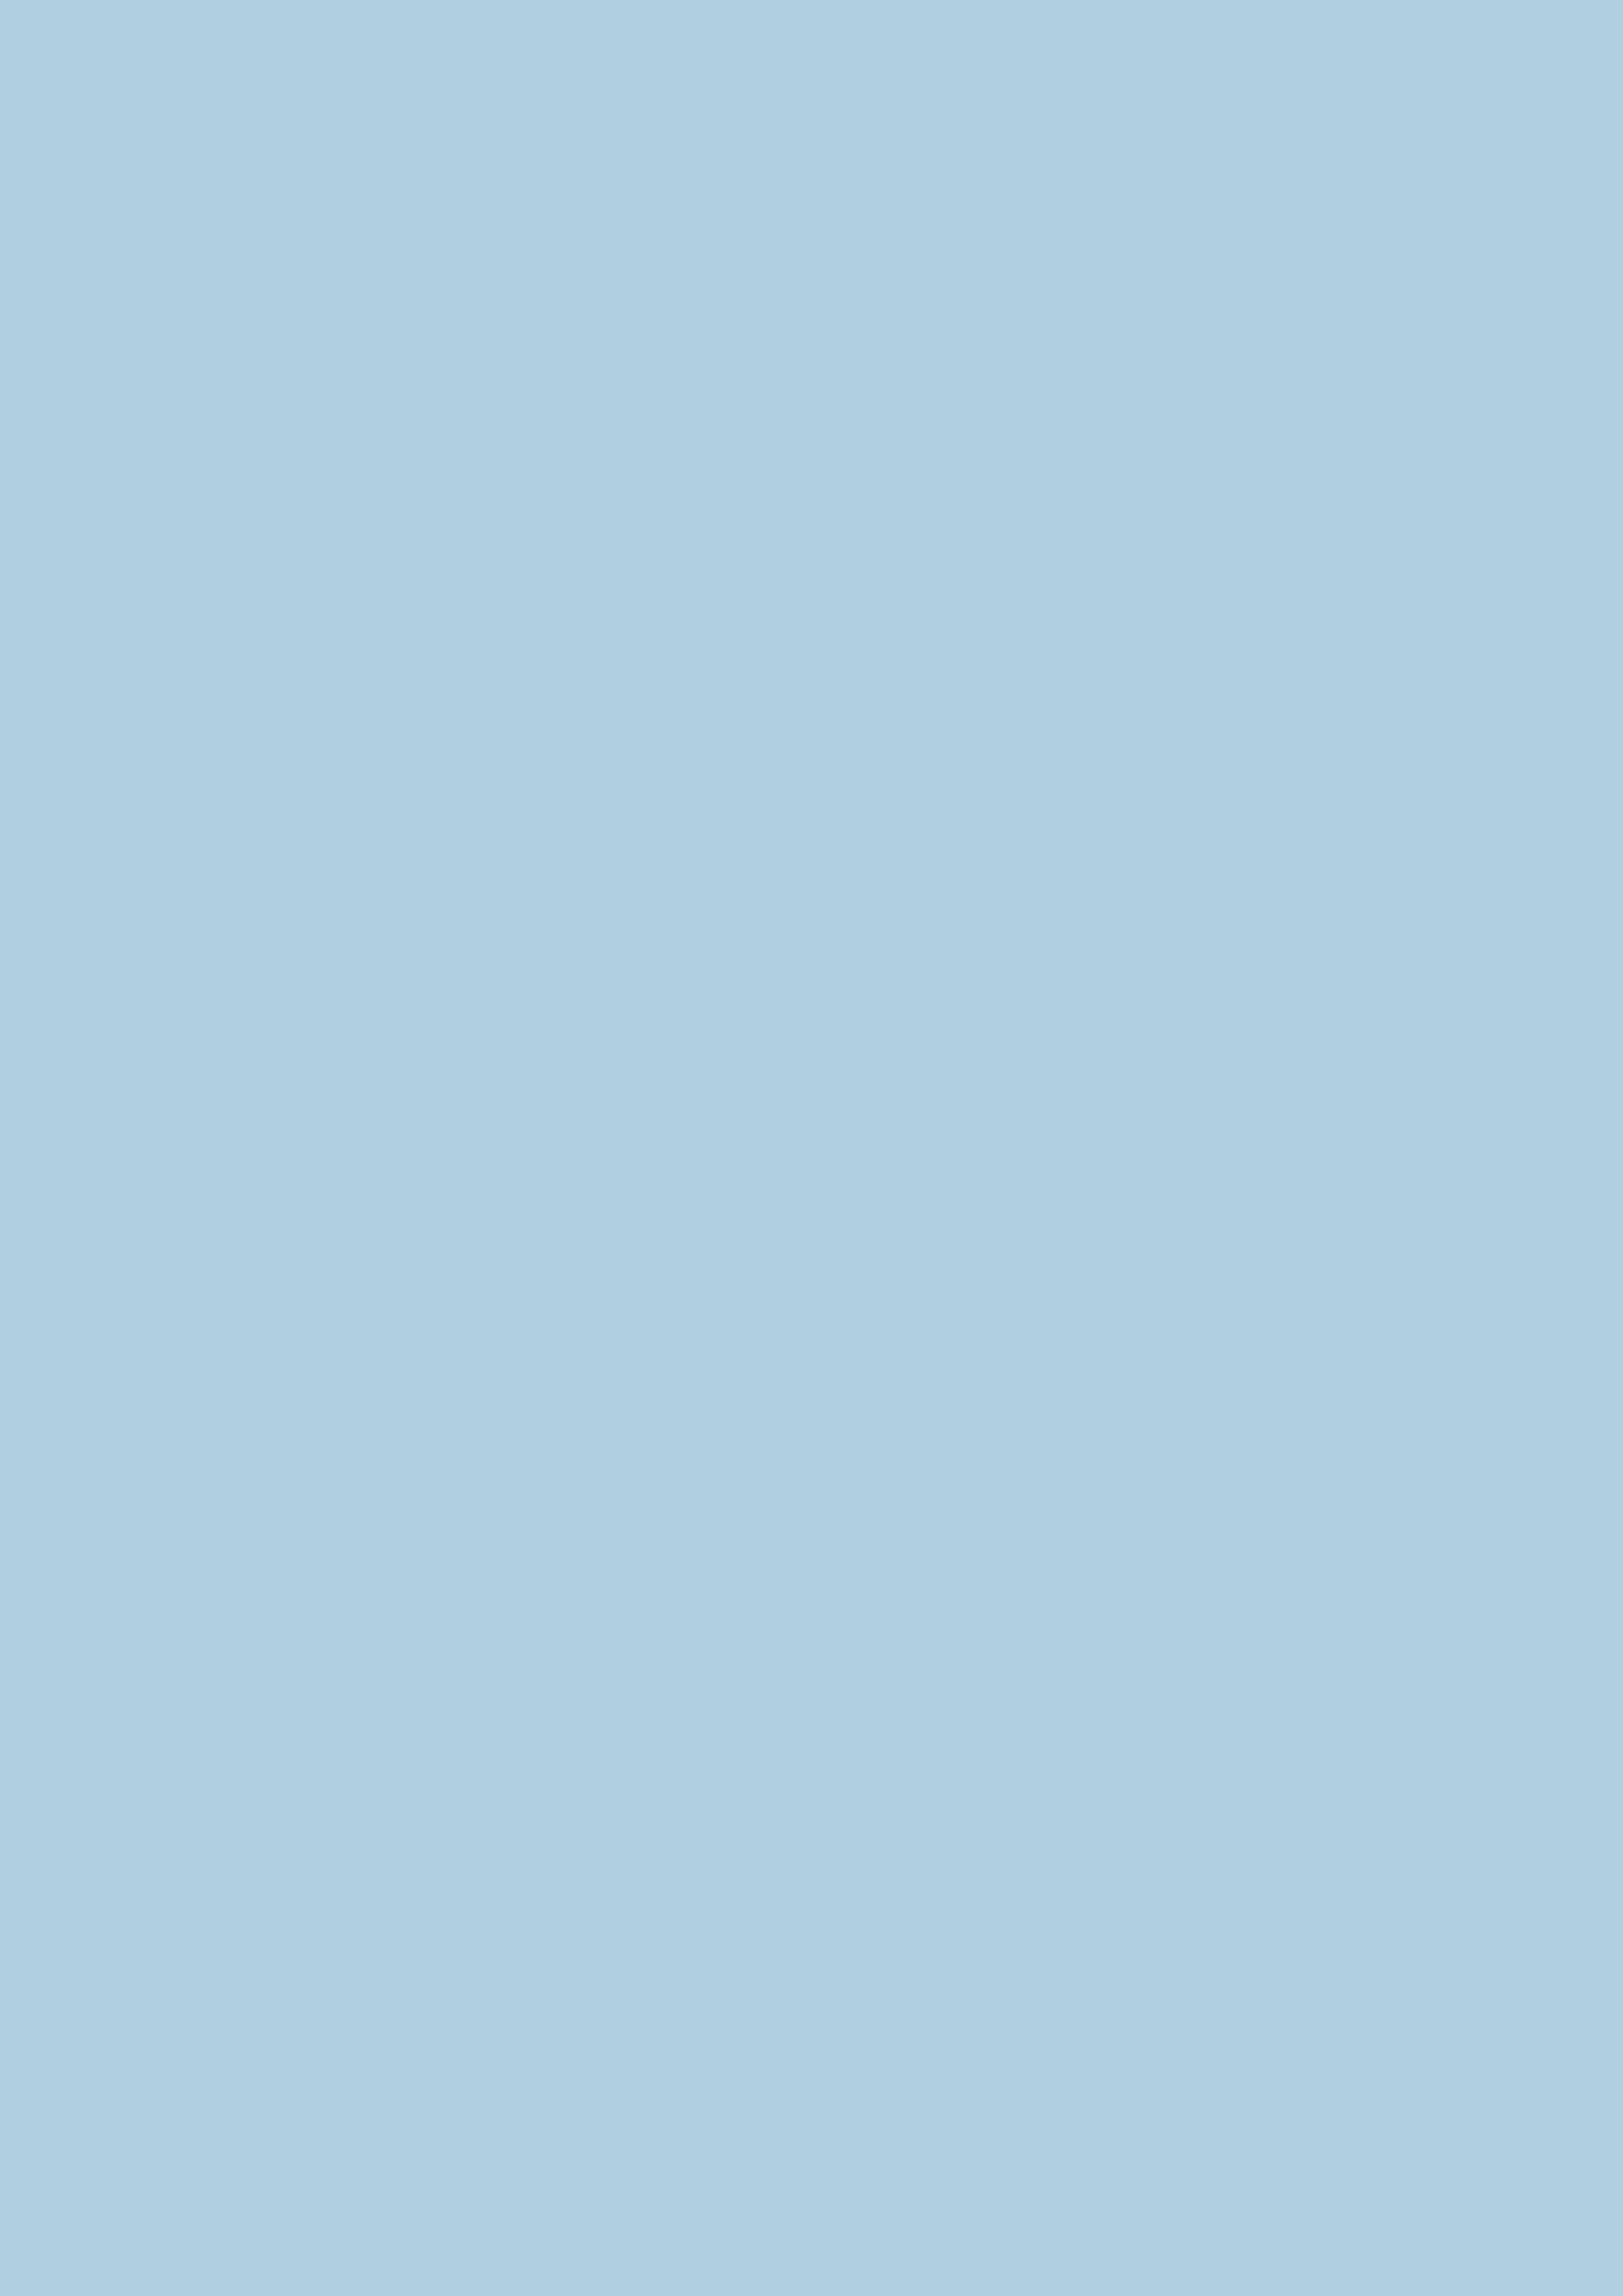 Crystal Blue (U1739FG)